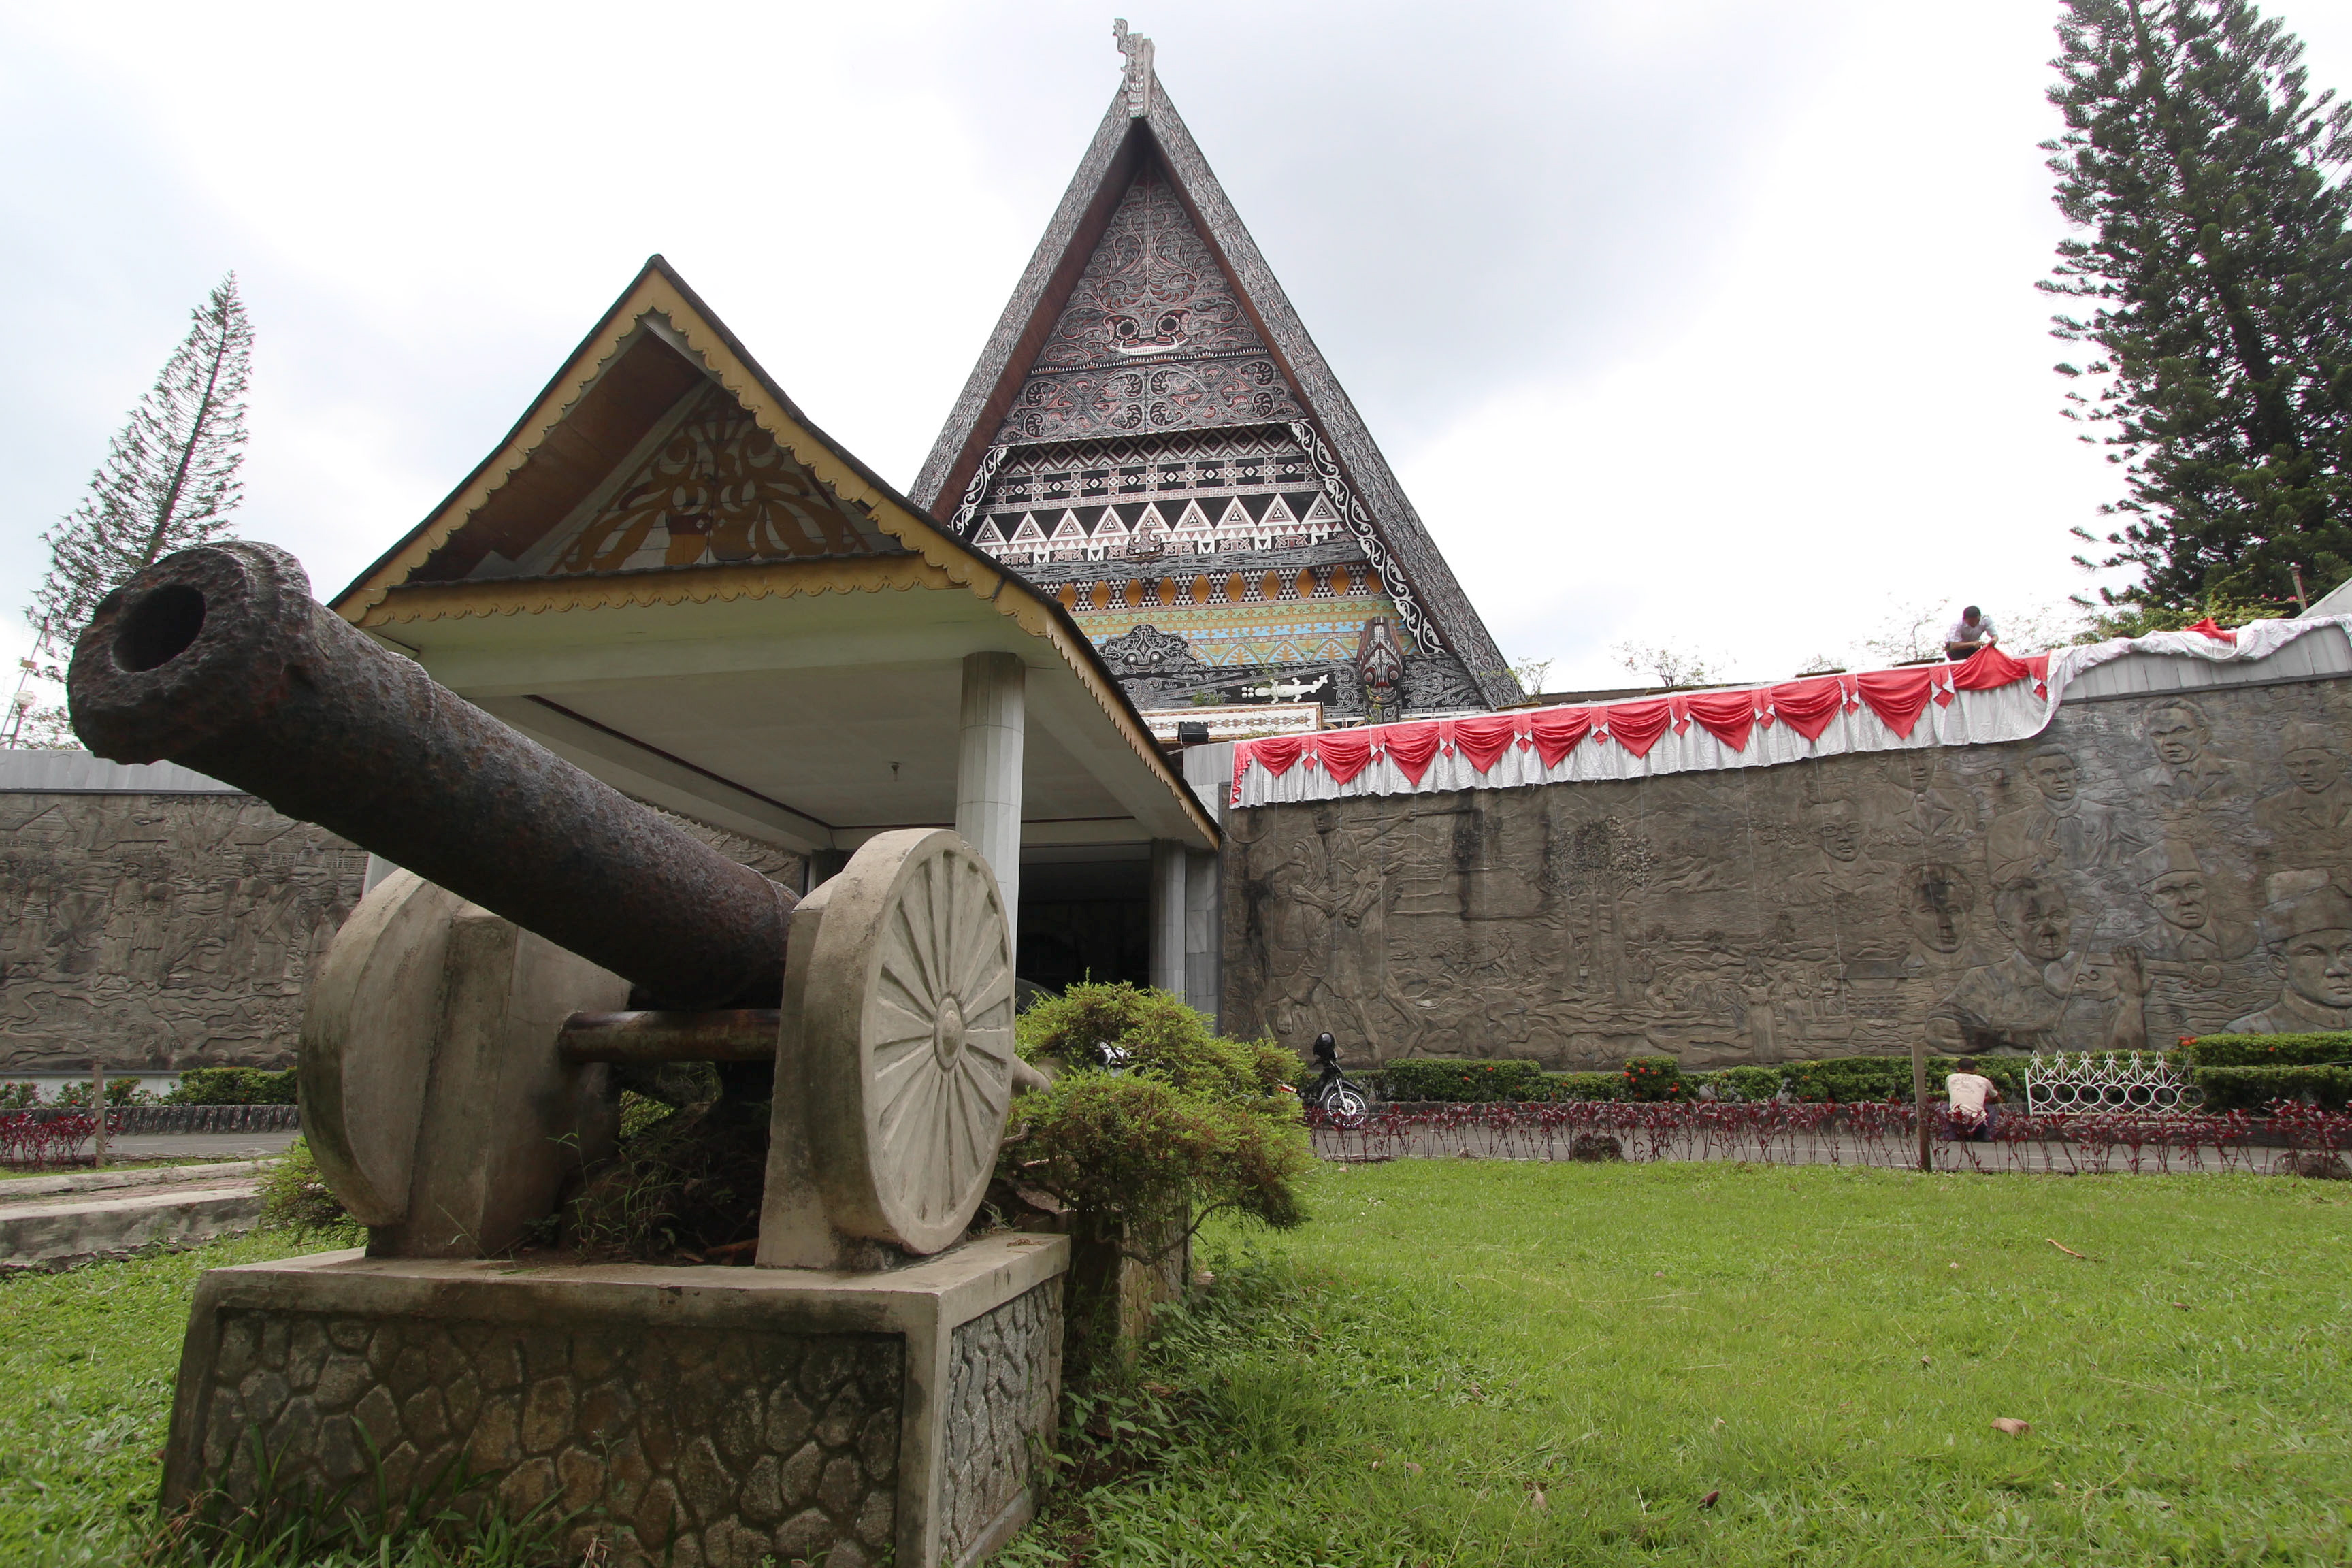 Nikmatnya Liburan Lengkap Museum Negeri Sulawesi Utara Aktivitas Dilakukan Kota